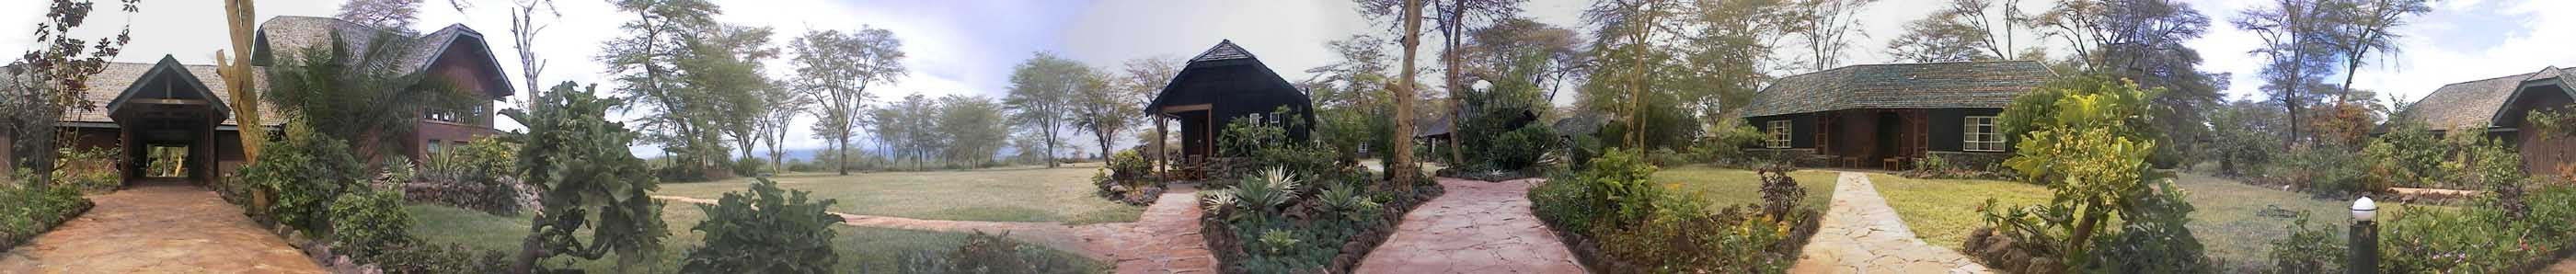 Lodge #3